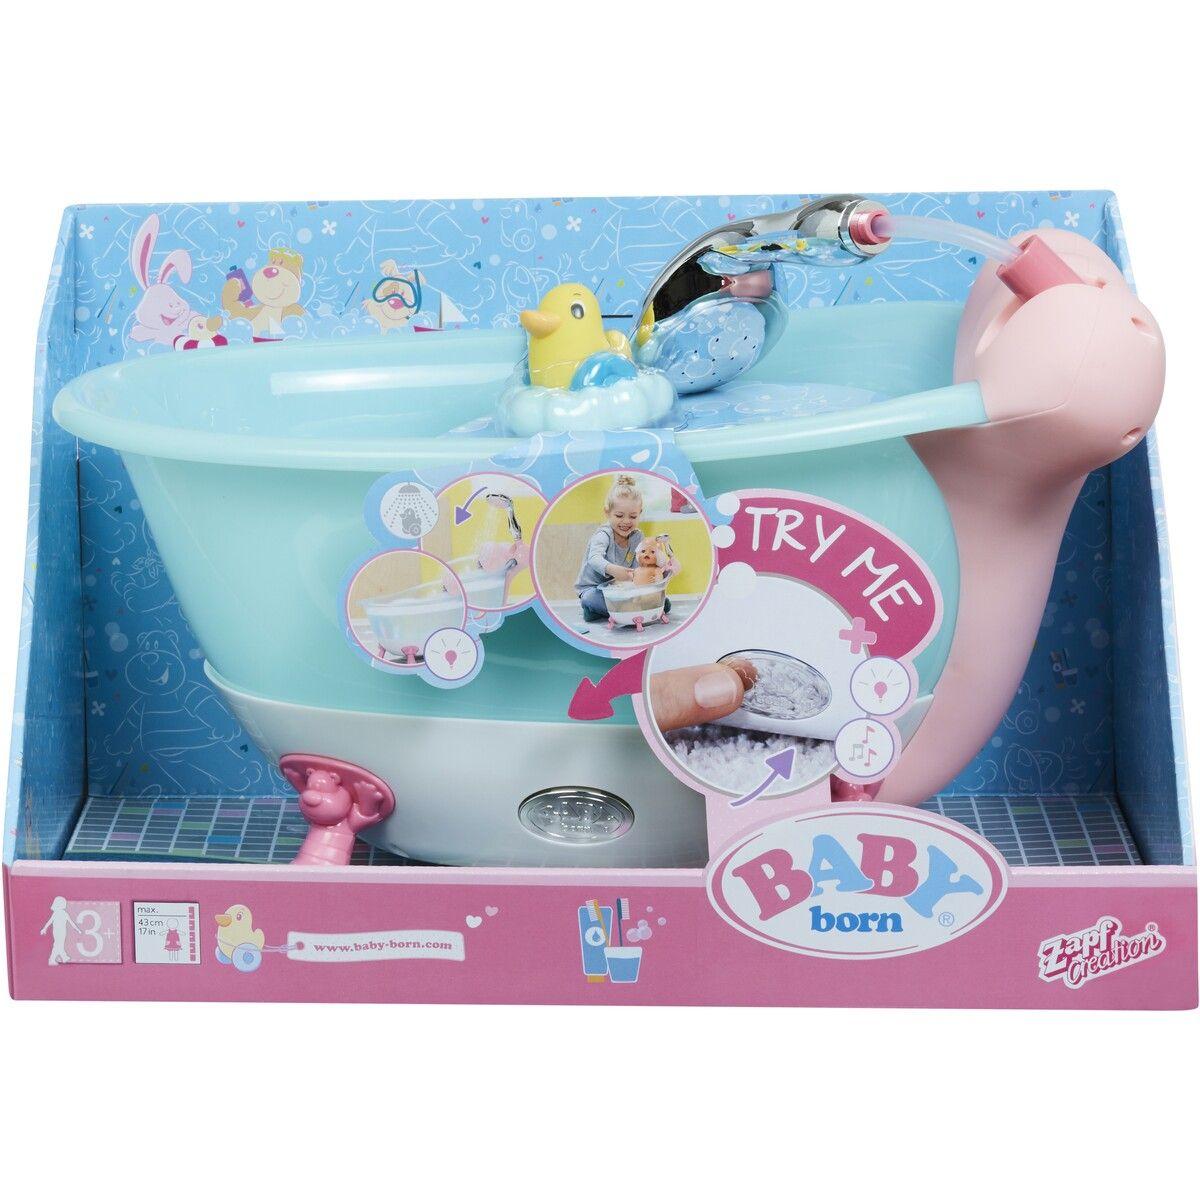 Baby Born Bathtub Big W Baby Alive Dolls Baby Born Bath Time Fun